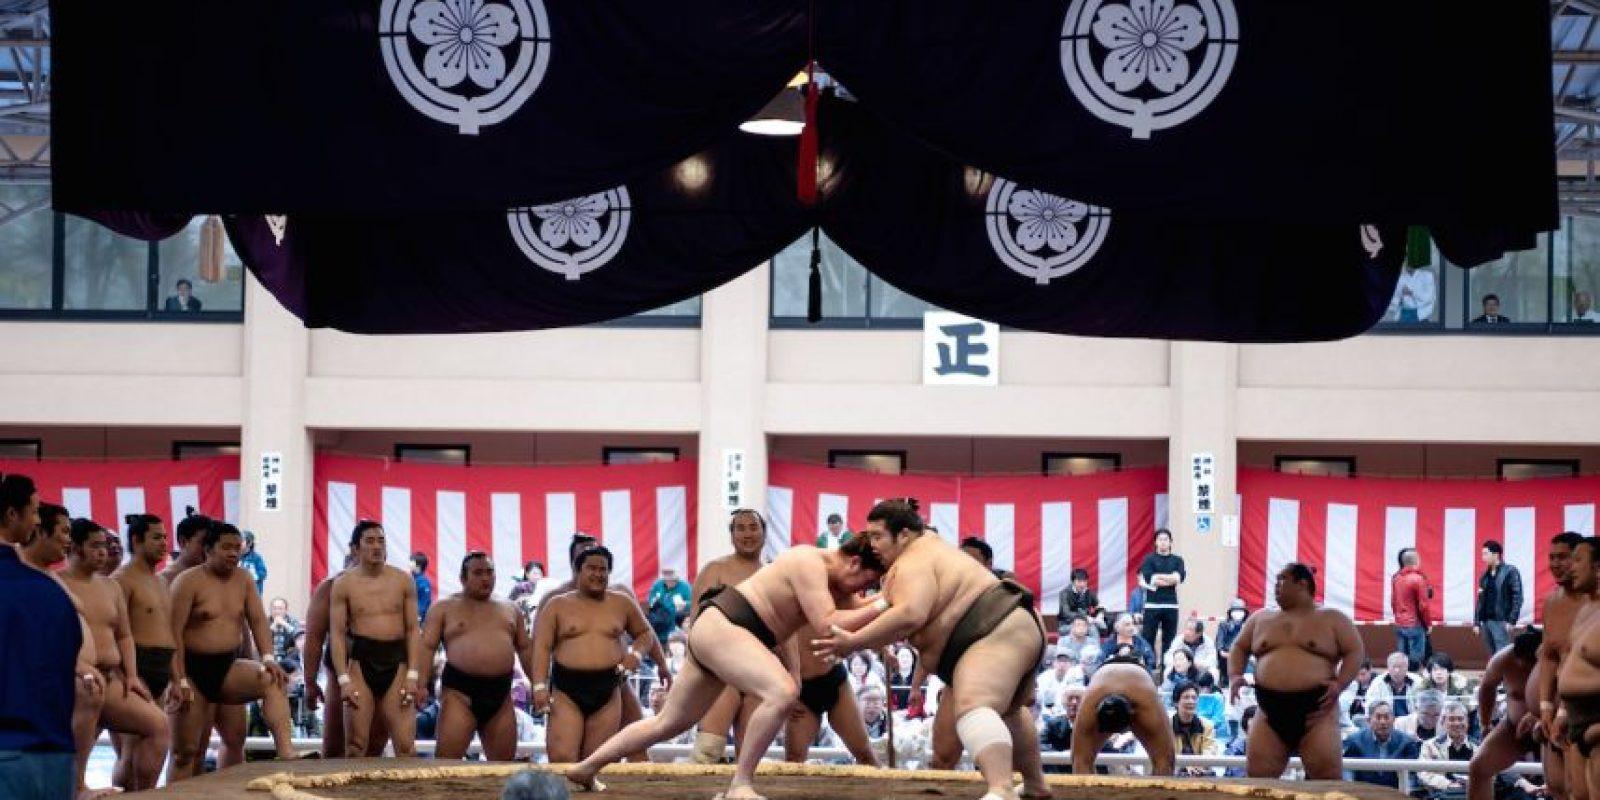 El ganador es el luchador que logra sacar a su rival del círculo o lo derriba dentro del ring. Foto:Getty Images